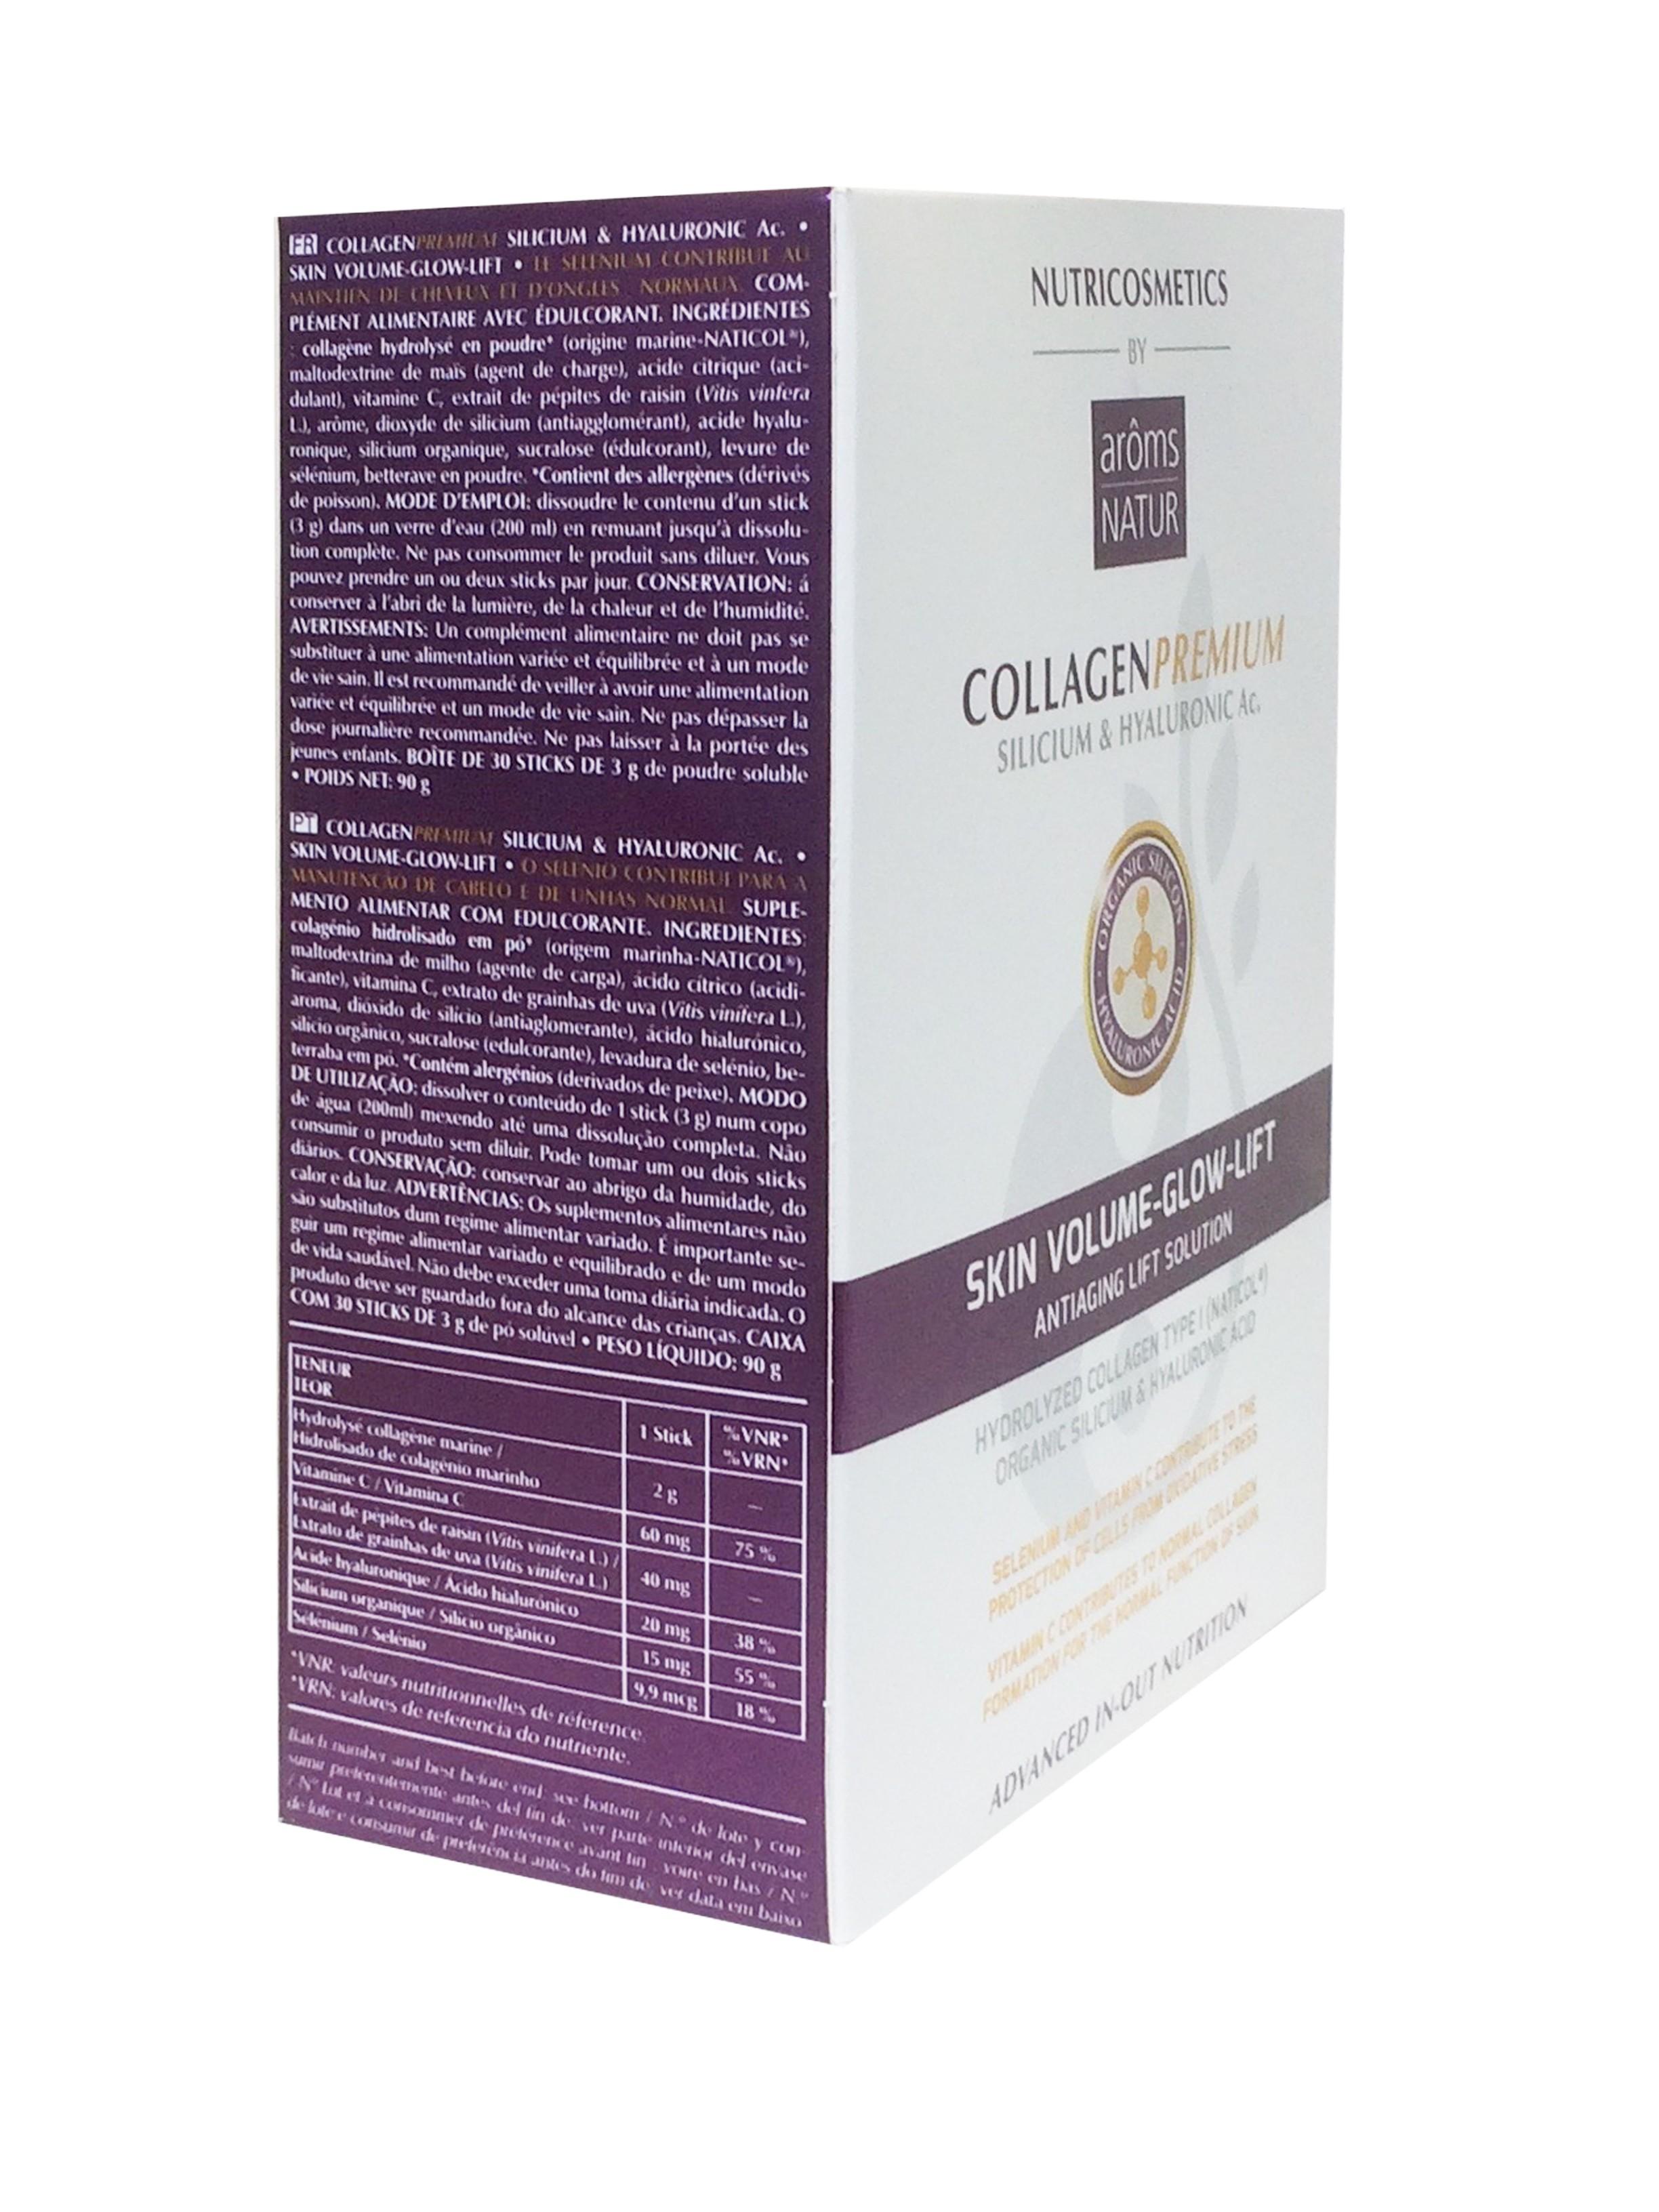 Arôms Natur Collagen Premium 30 Sticks